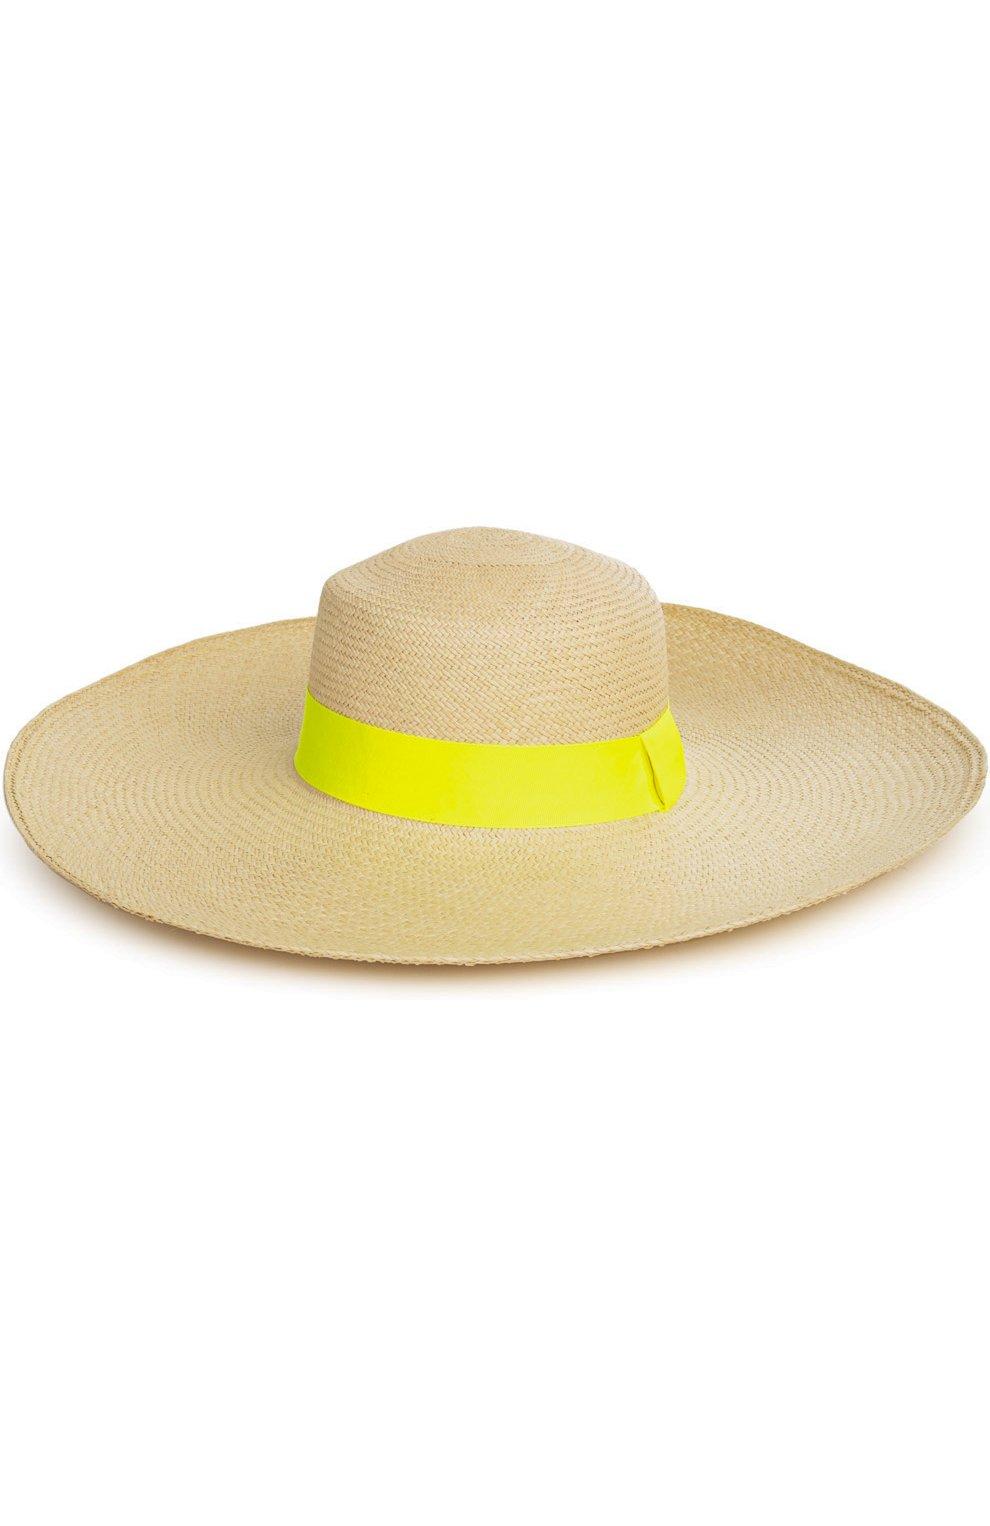 Шляпа пляжная   Фото №1